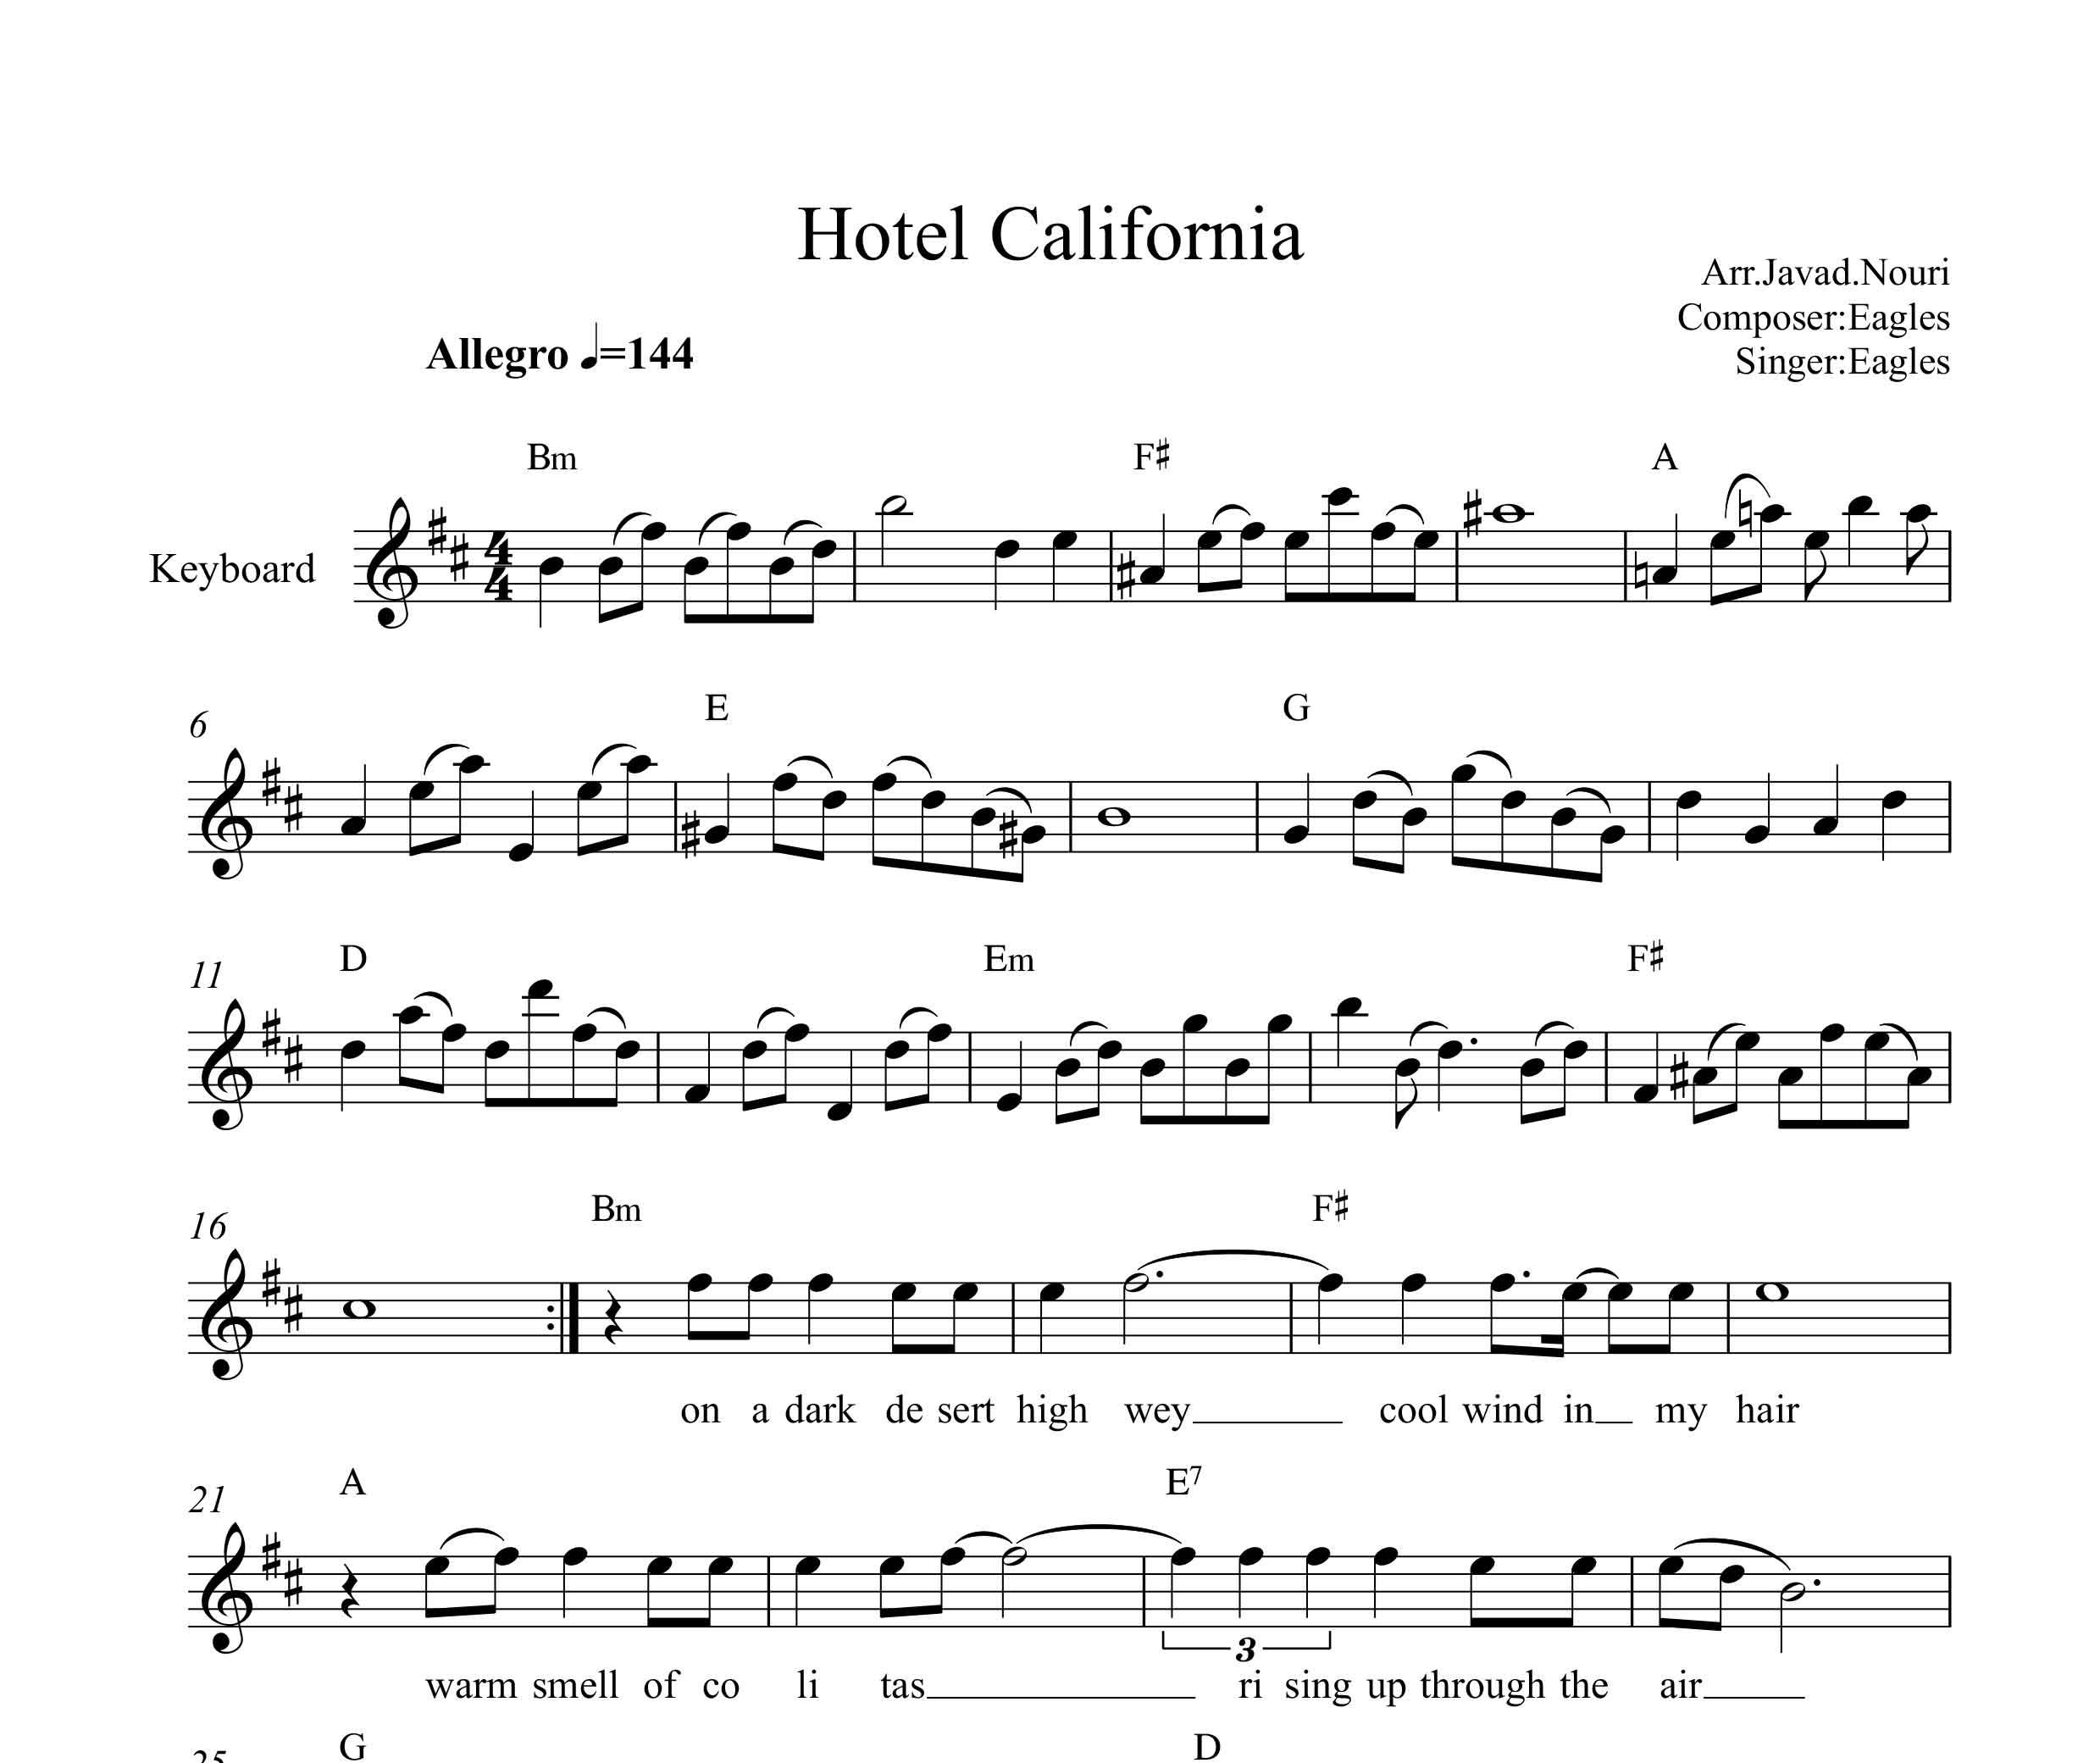 نت کیبورد هتل کالیفرنیا با تنظیم جواد نوری